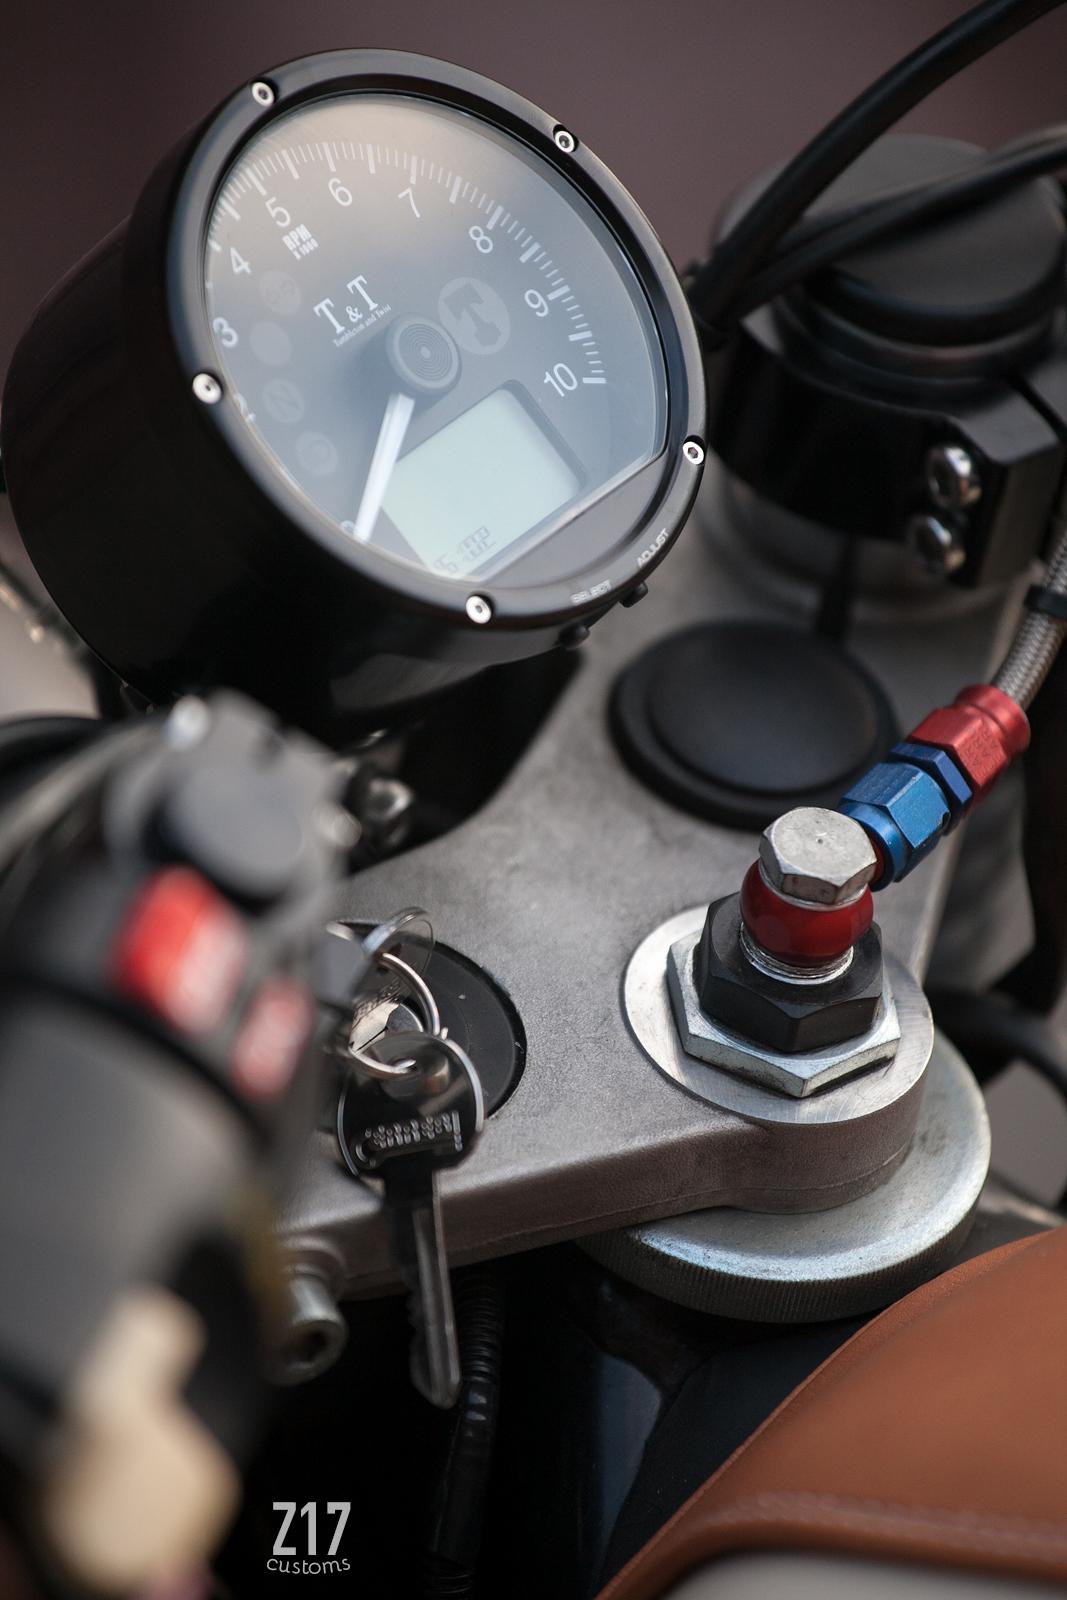 Bmw K100 Cafe Racer By Z17 Customs Bikebound